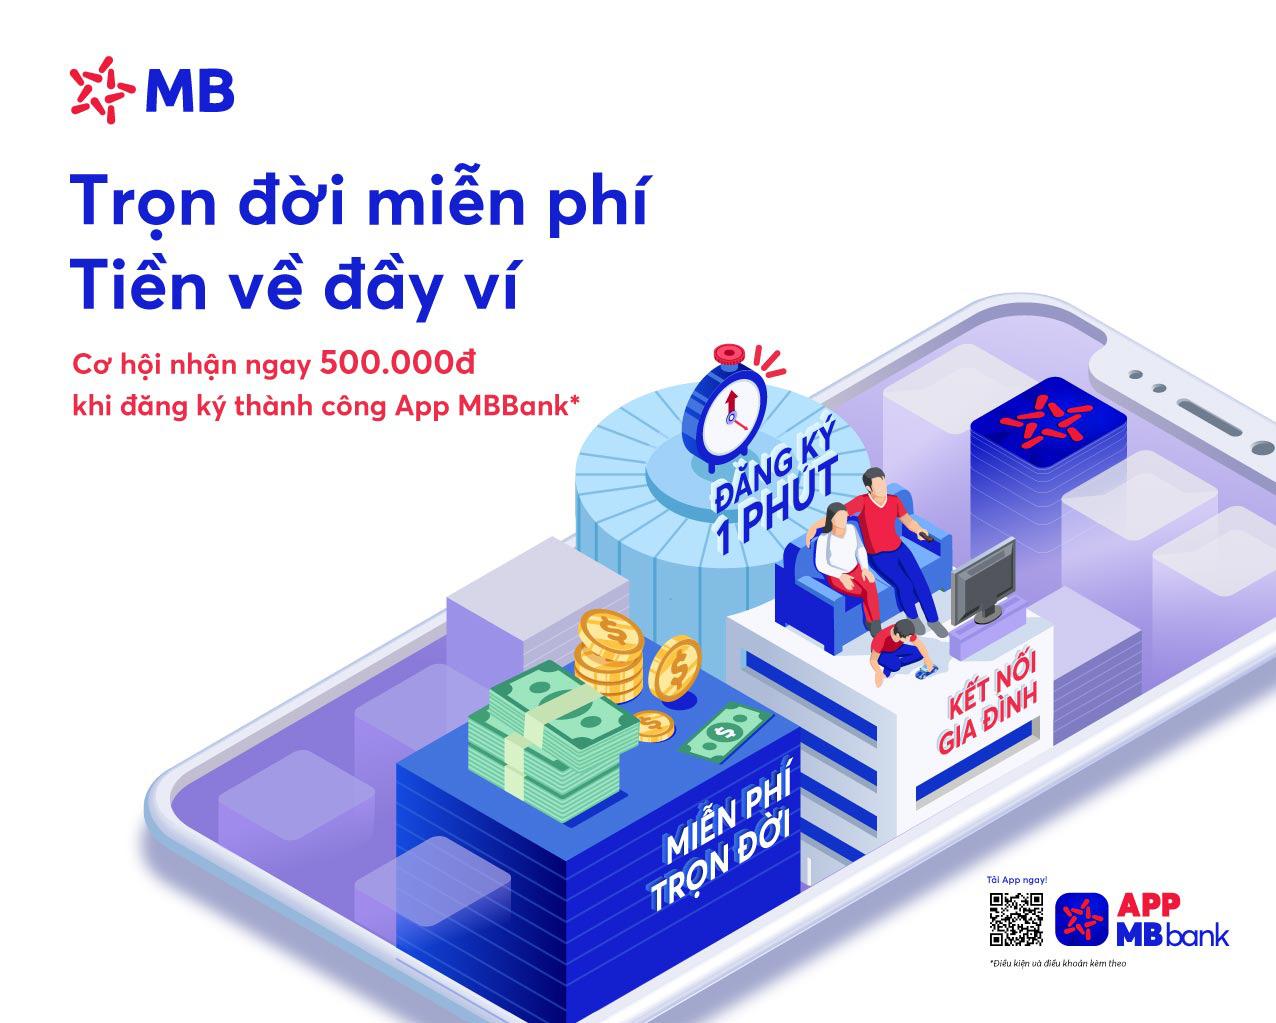 MB ra mắt App MBBank phiên bản mới với tổng giá trị ưu đãi lên đến 2 tỷ đồng - Ảnh 2.